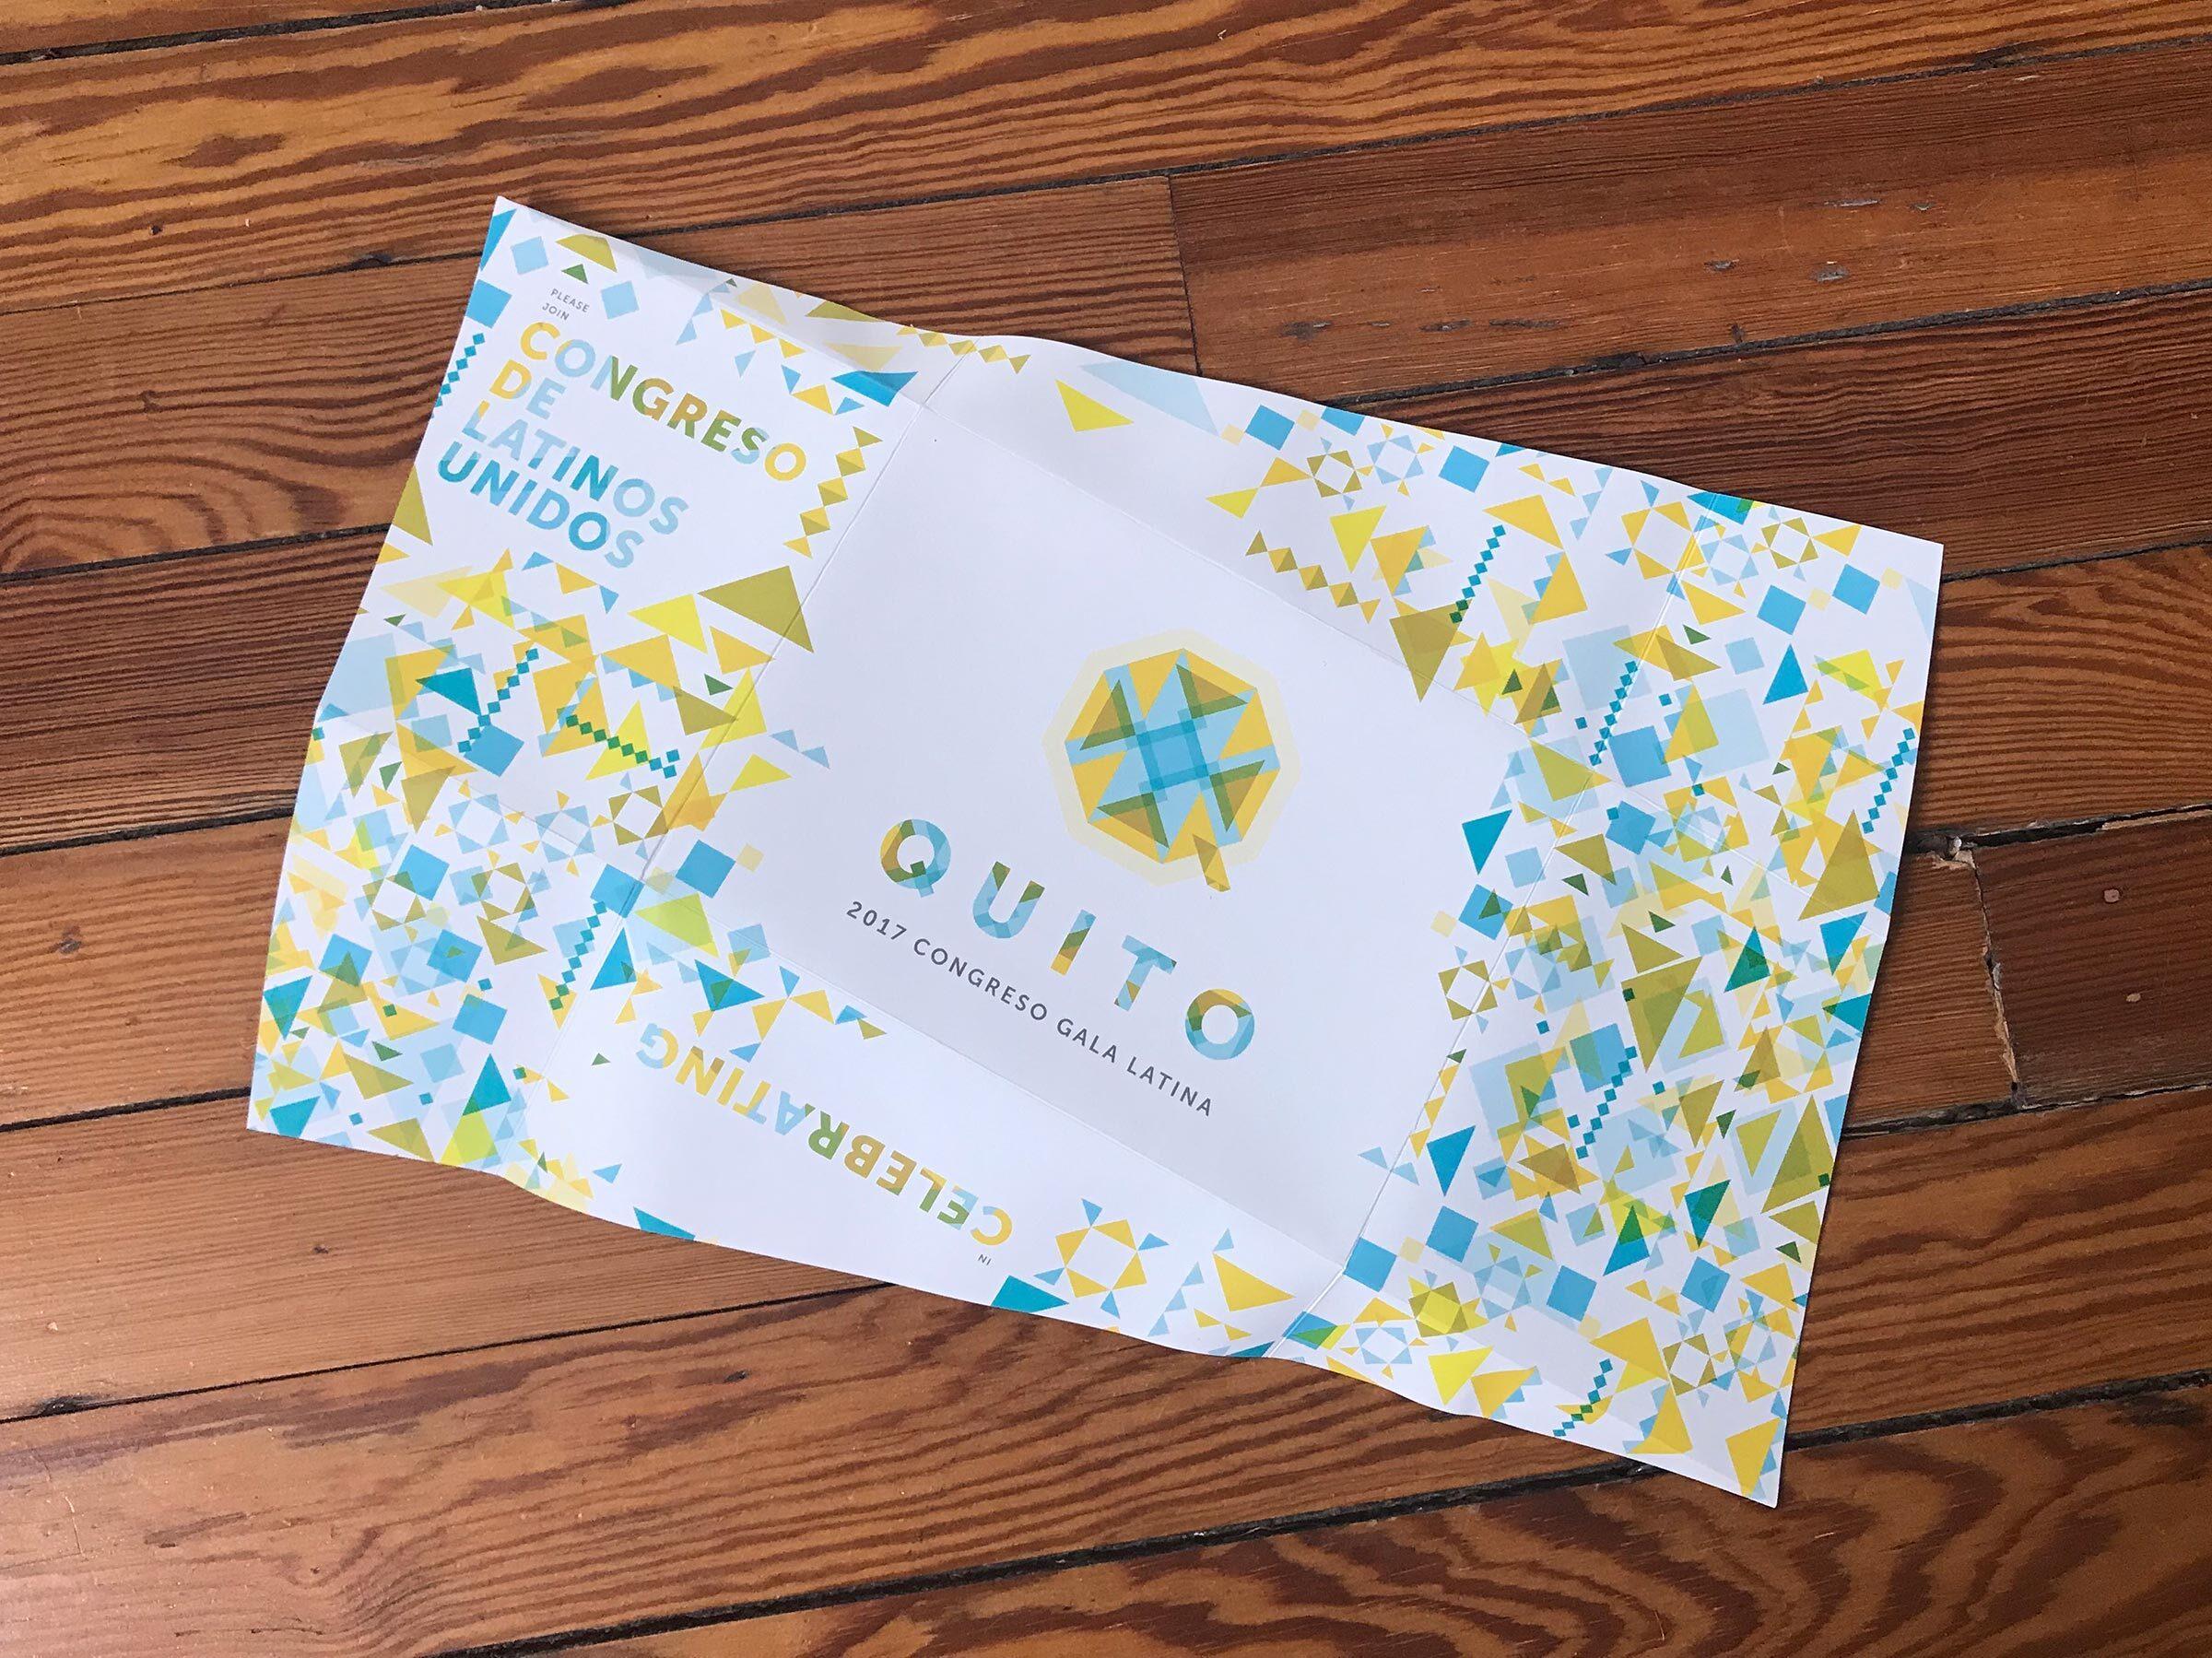 Congreso Quito Invite Open Back